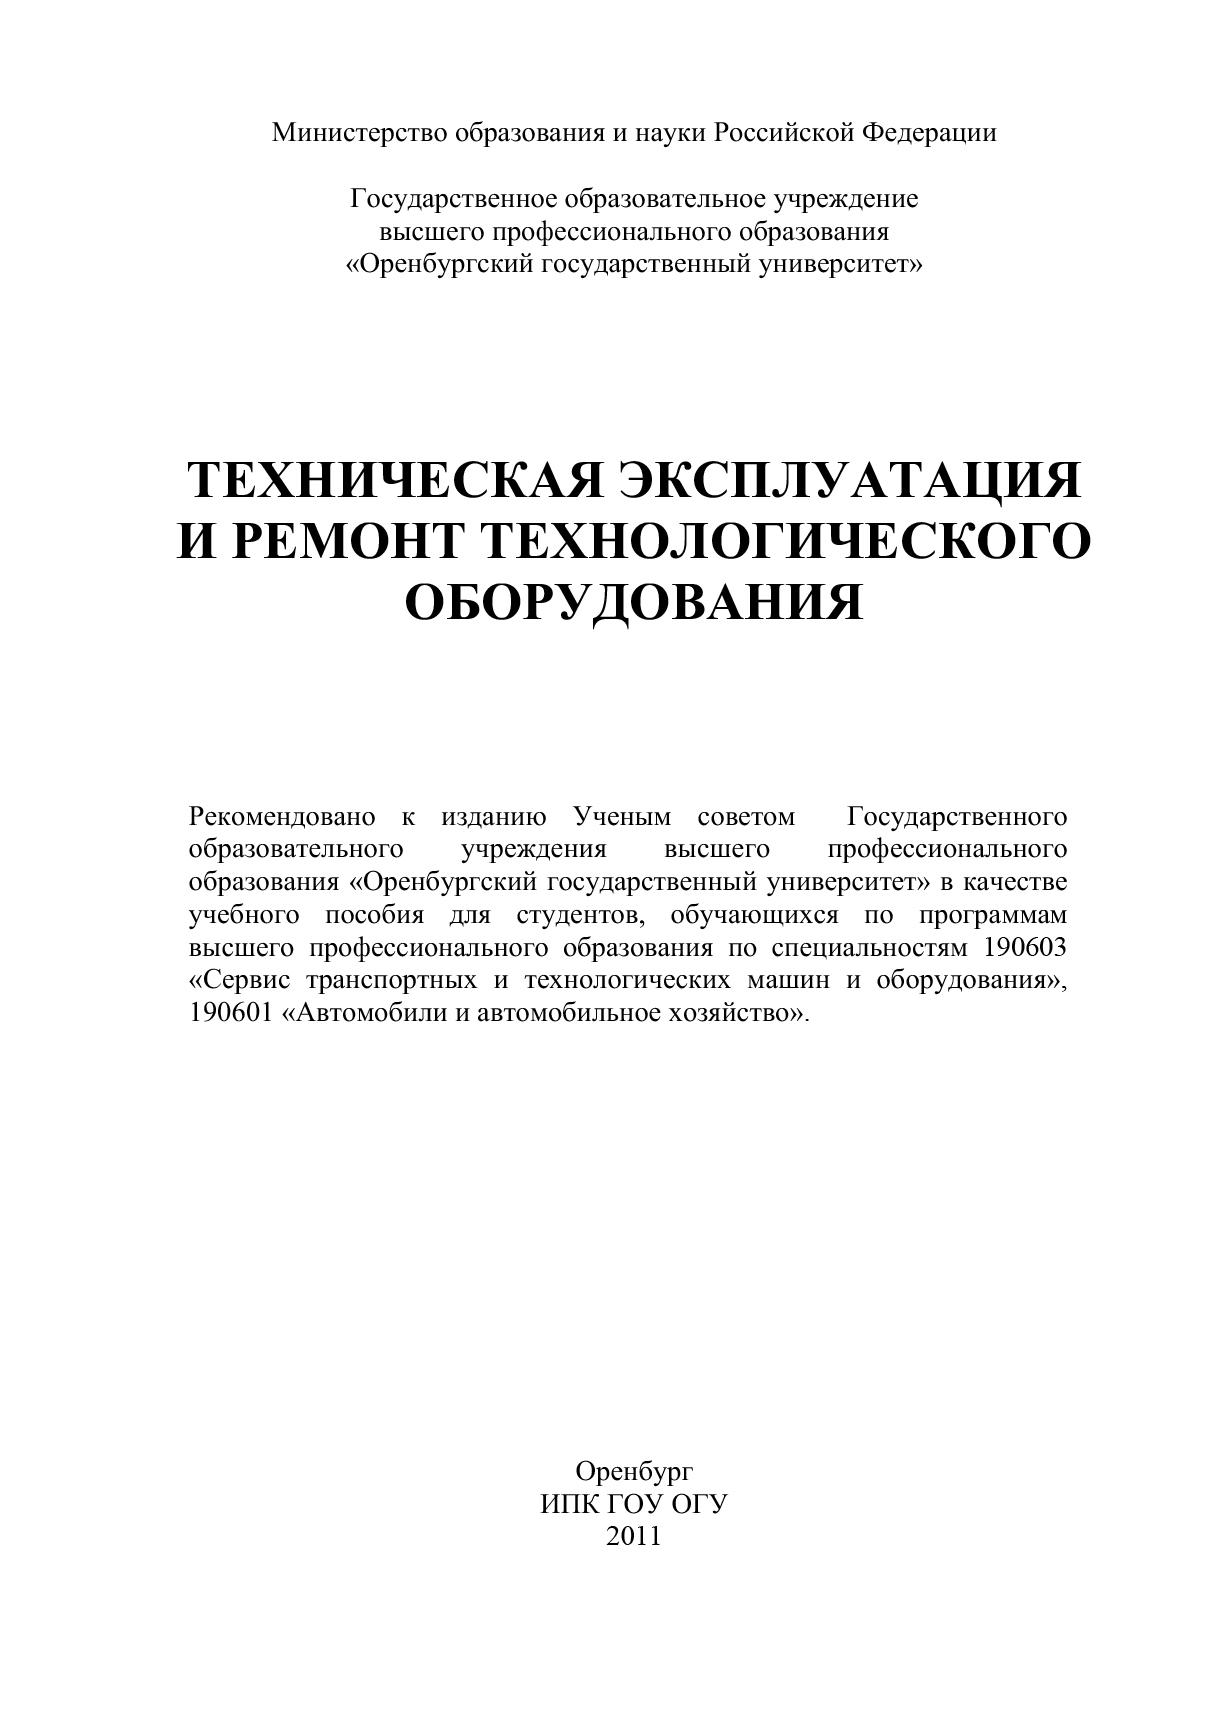 Р. Х. Хасанов Техническая эксплуатация и ремонт технологического оборудования николай чиченев эксплуатация технологического оборудования